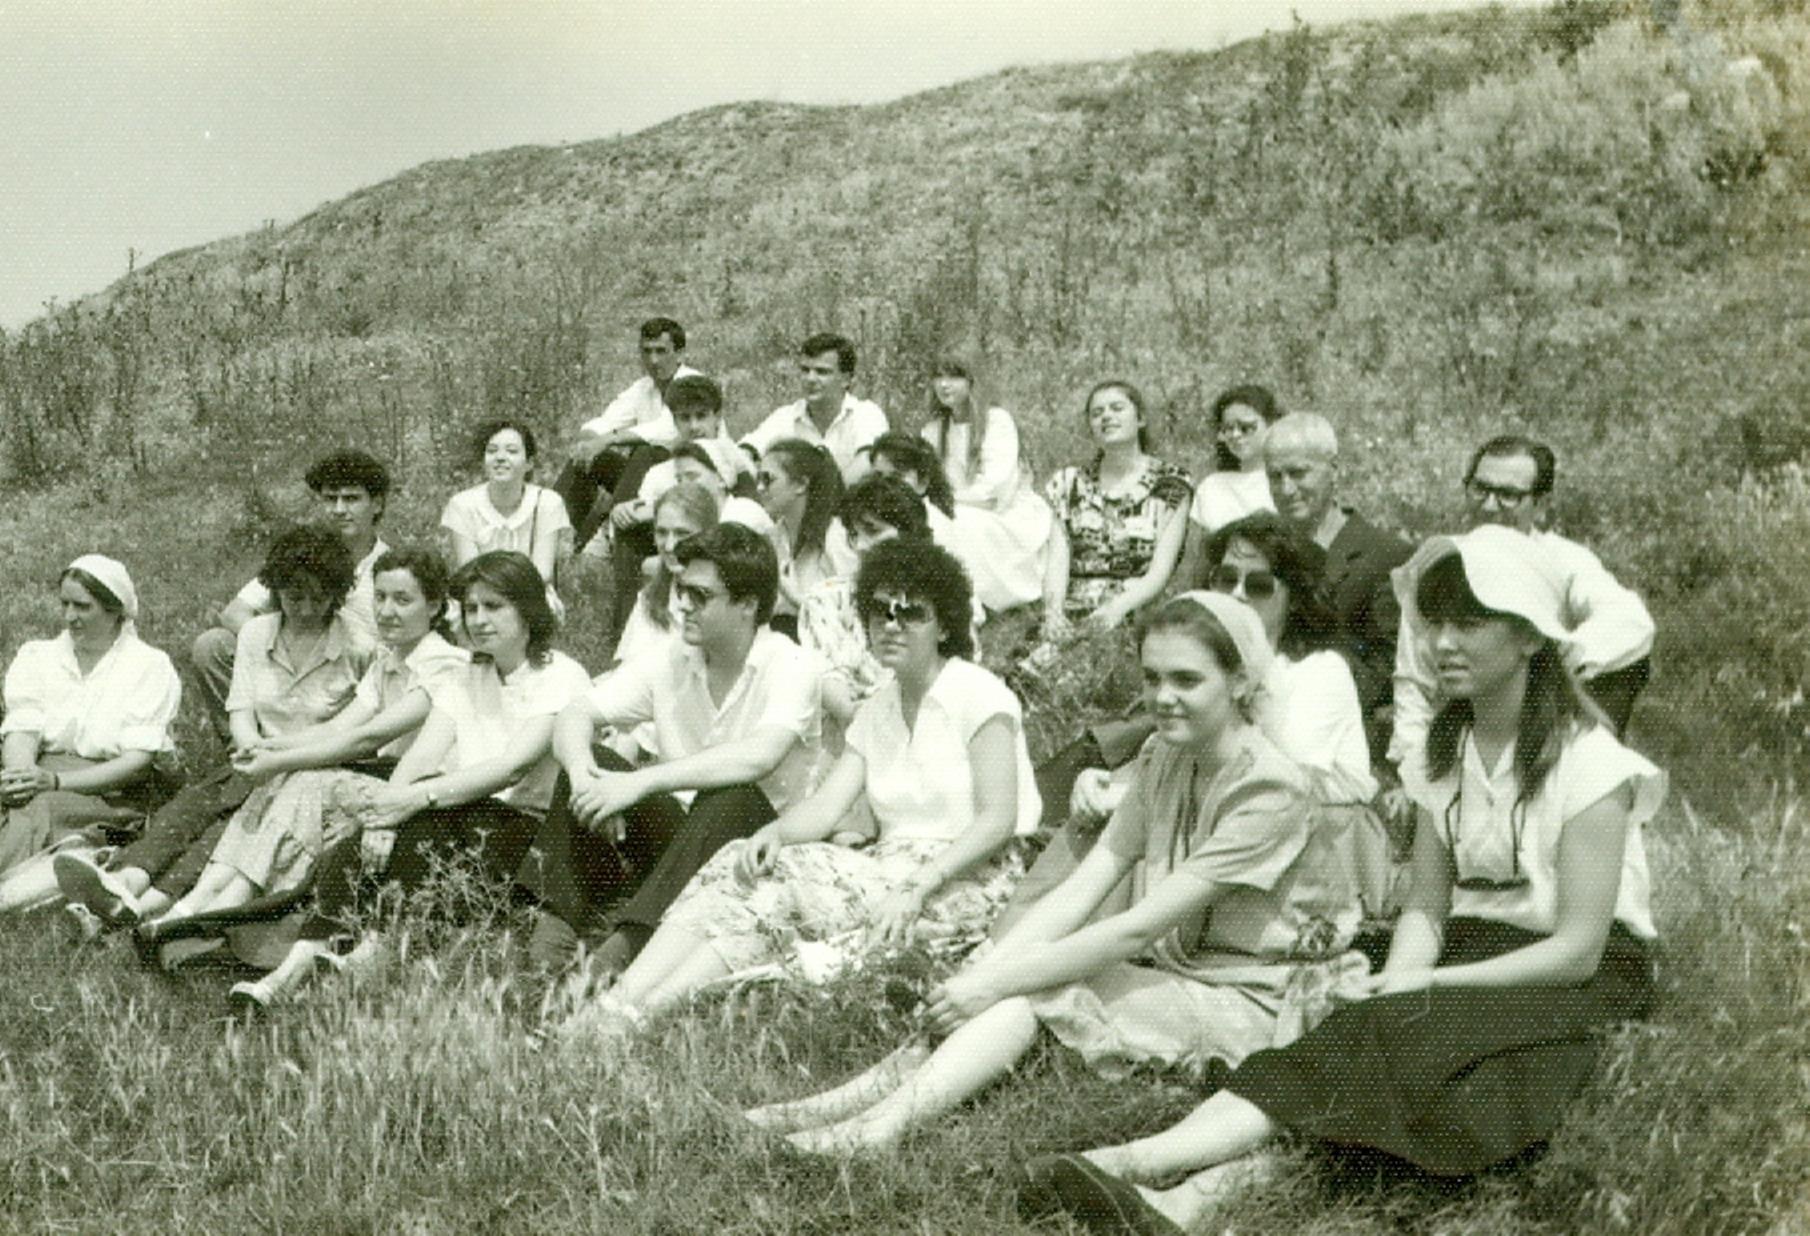 TINERI DIN BISERICA CRESTINA DUPA EVANGHELIE DRAGOS VODA IMPREUNA CU CREDINCIOSI DIN GIURGIU 1990